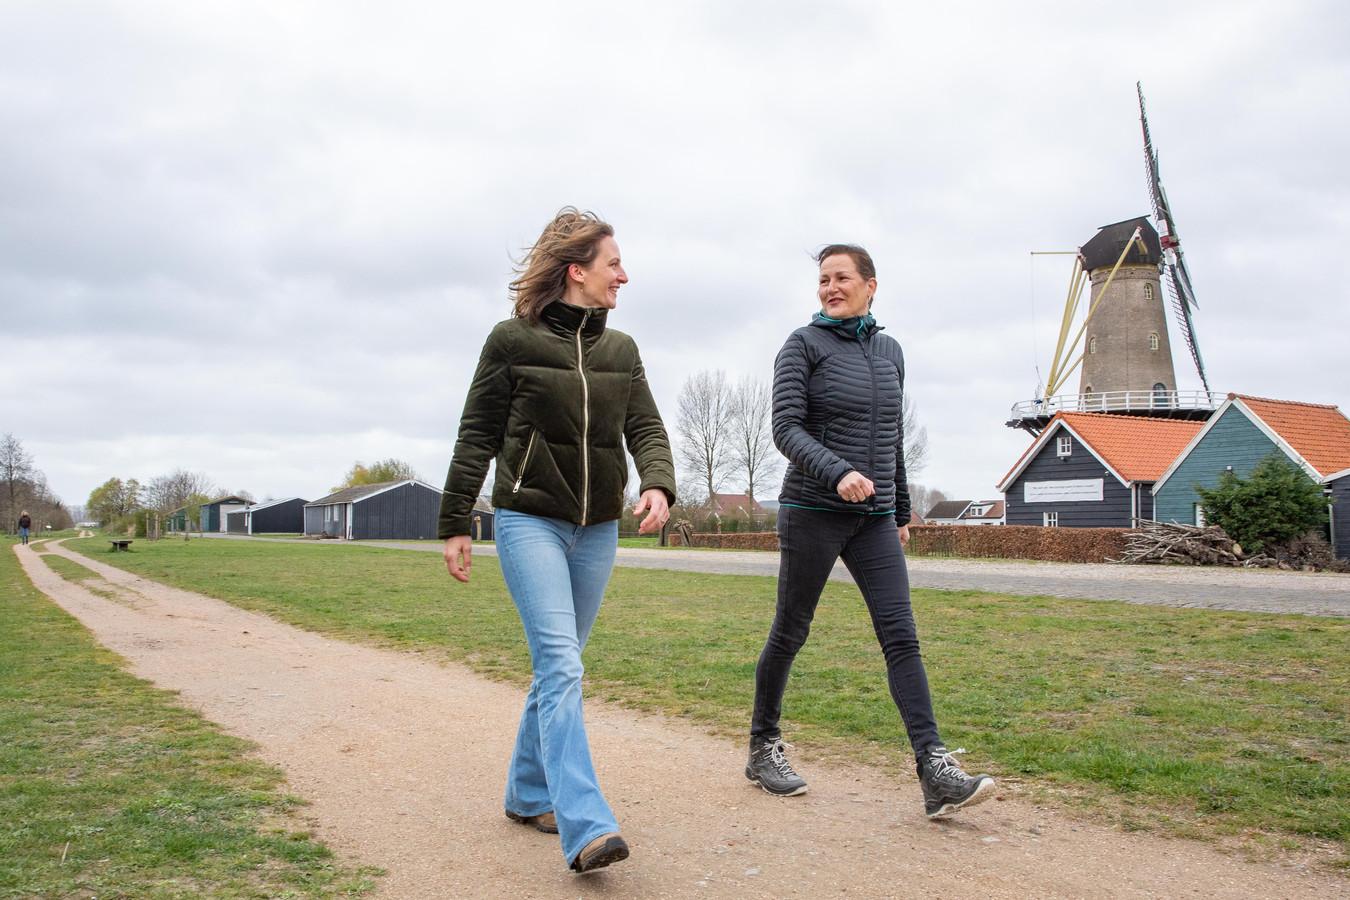 Denise de Leeuw uit Heinkenszand en Janny de Jonge uit Renesse begonnen hun virtuele wandelcompetitie 'dewegnaar.com'.